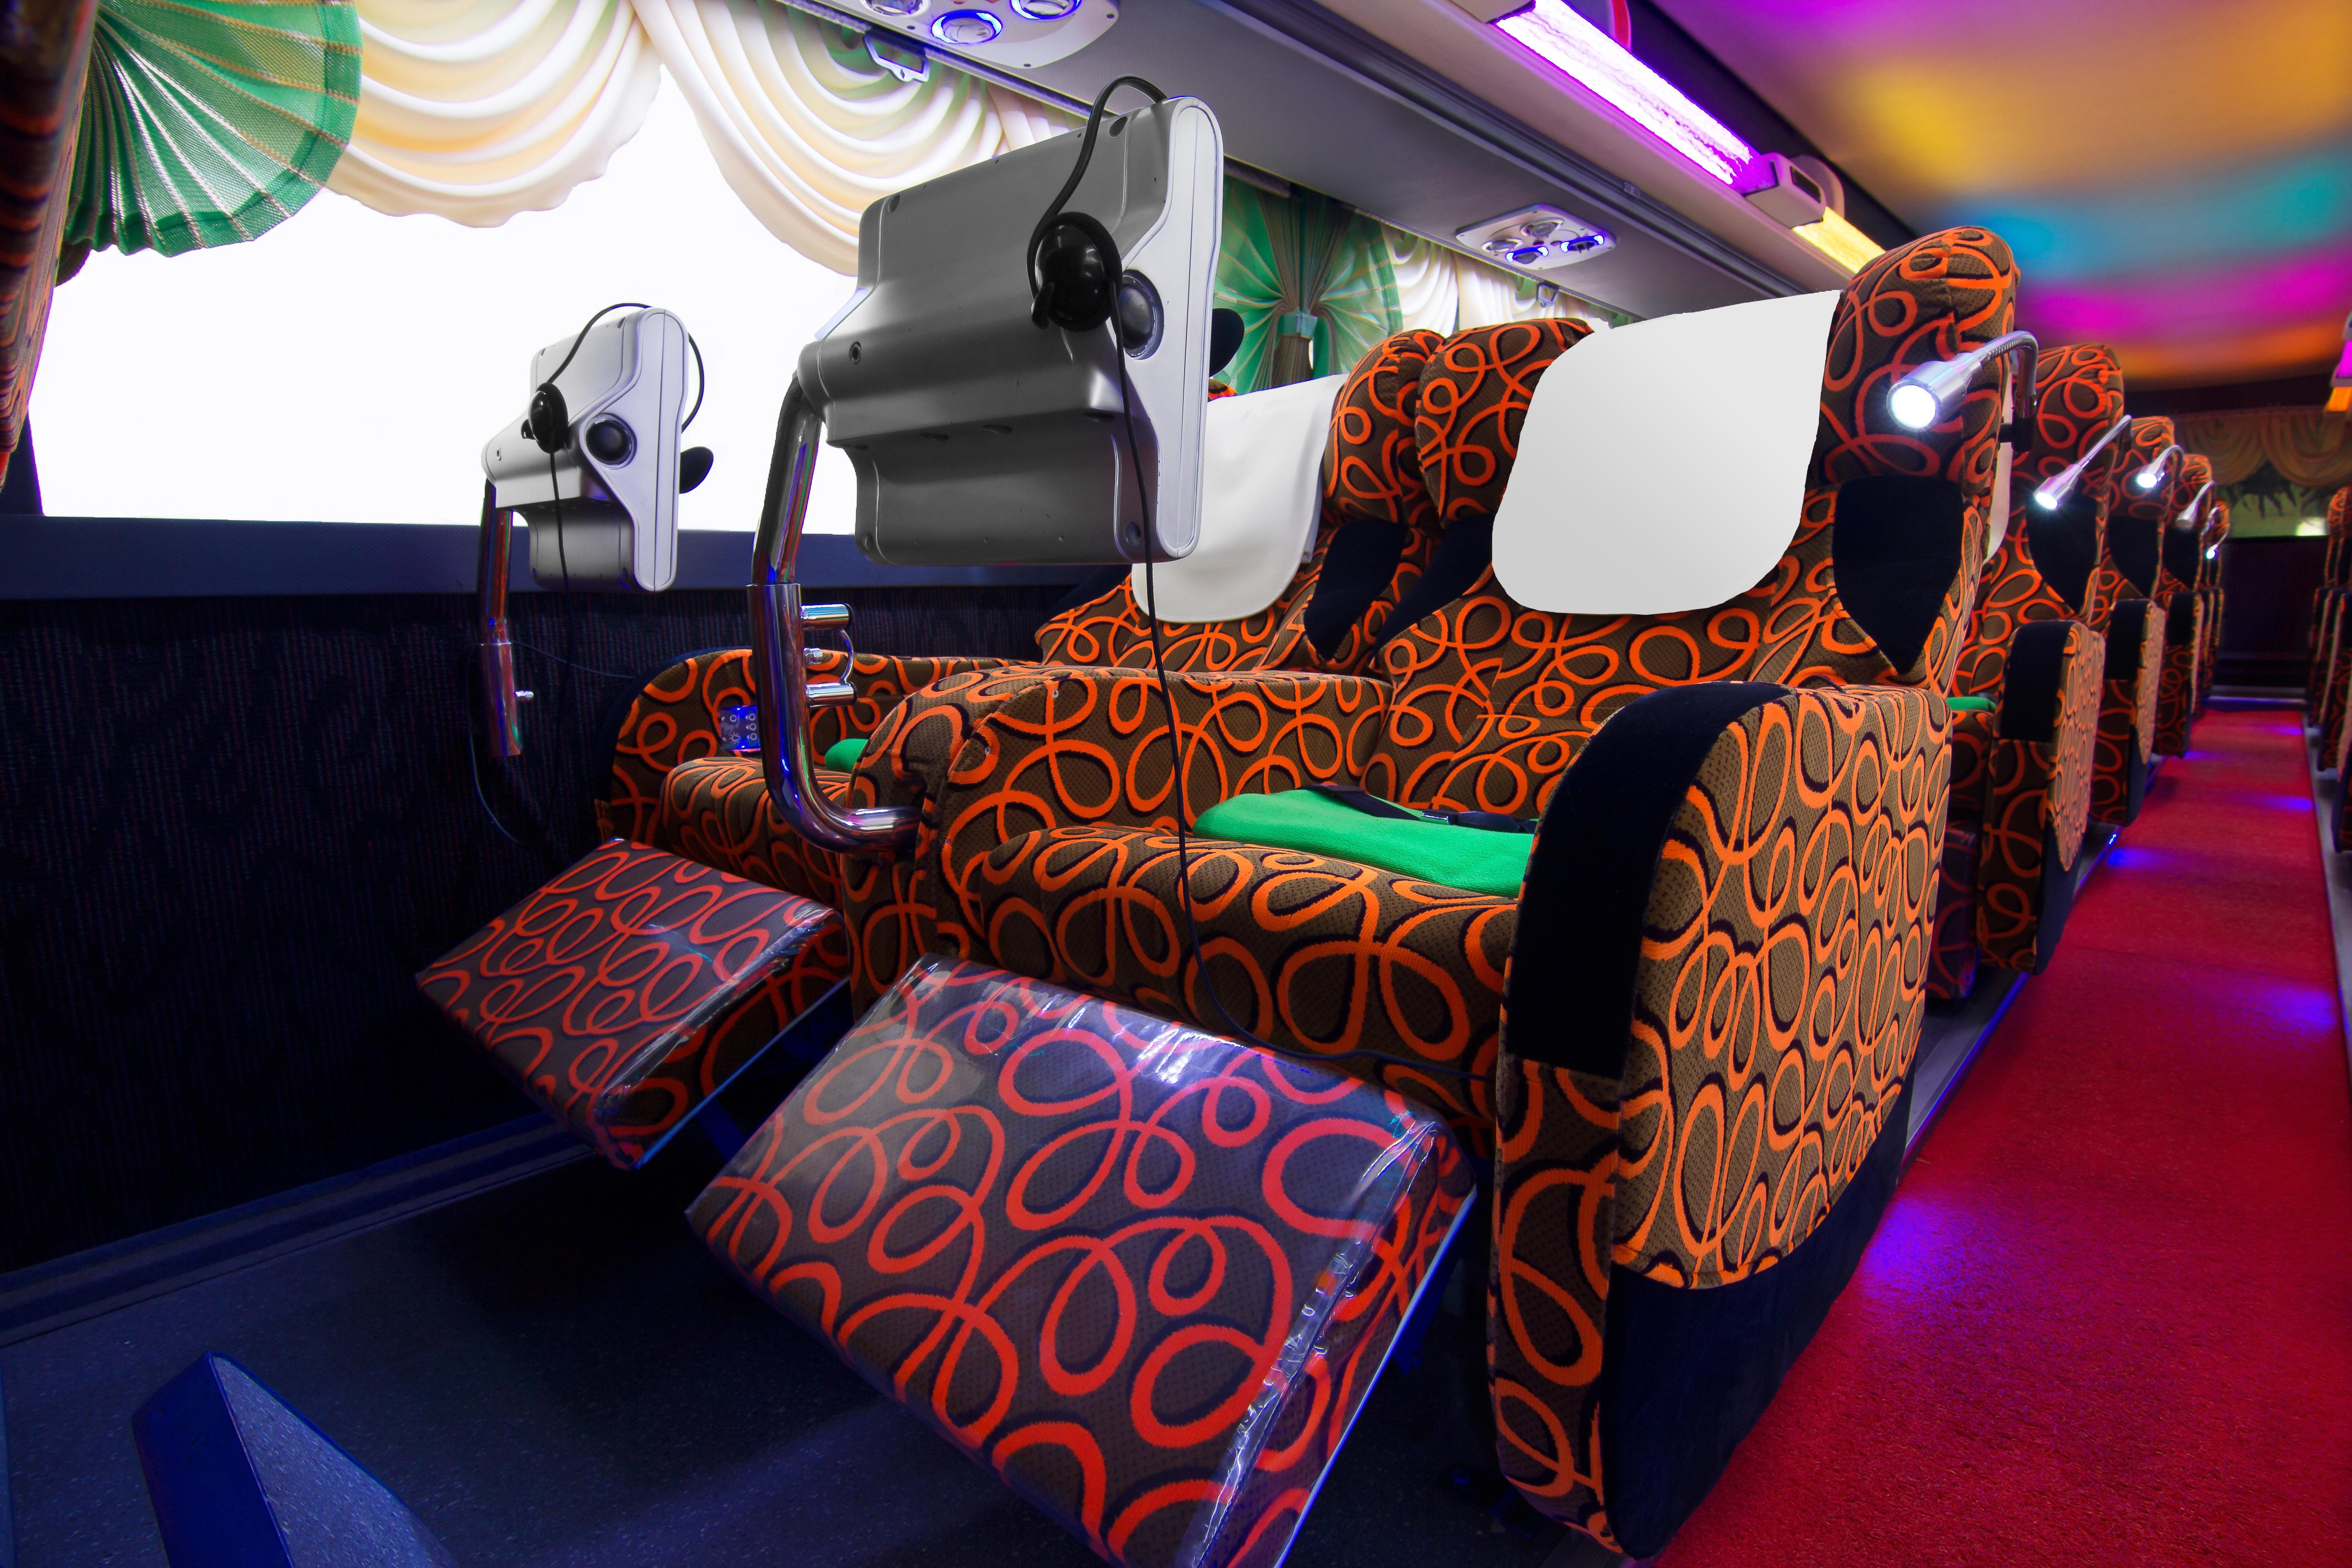 Royal VIP Seat